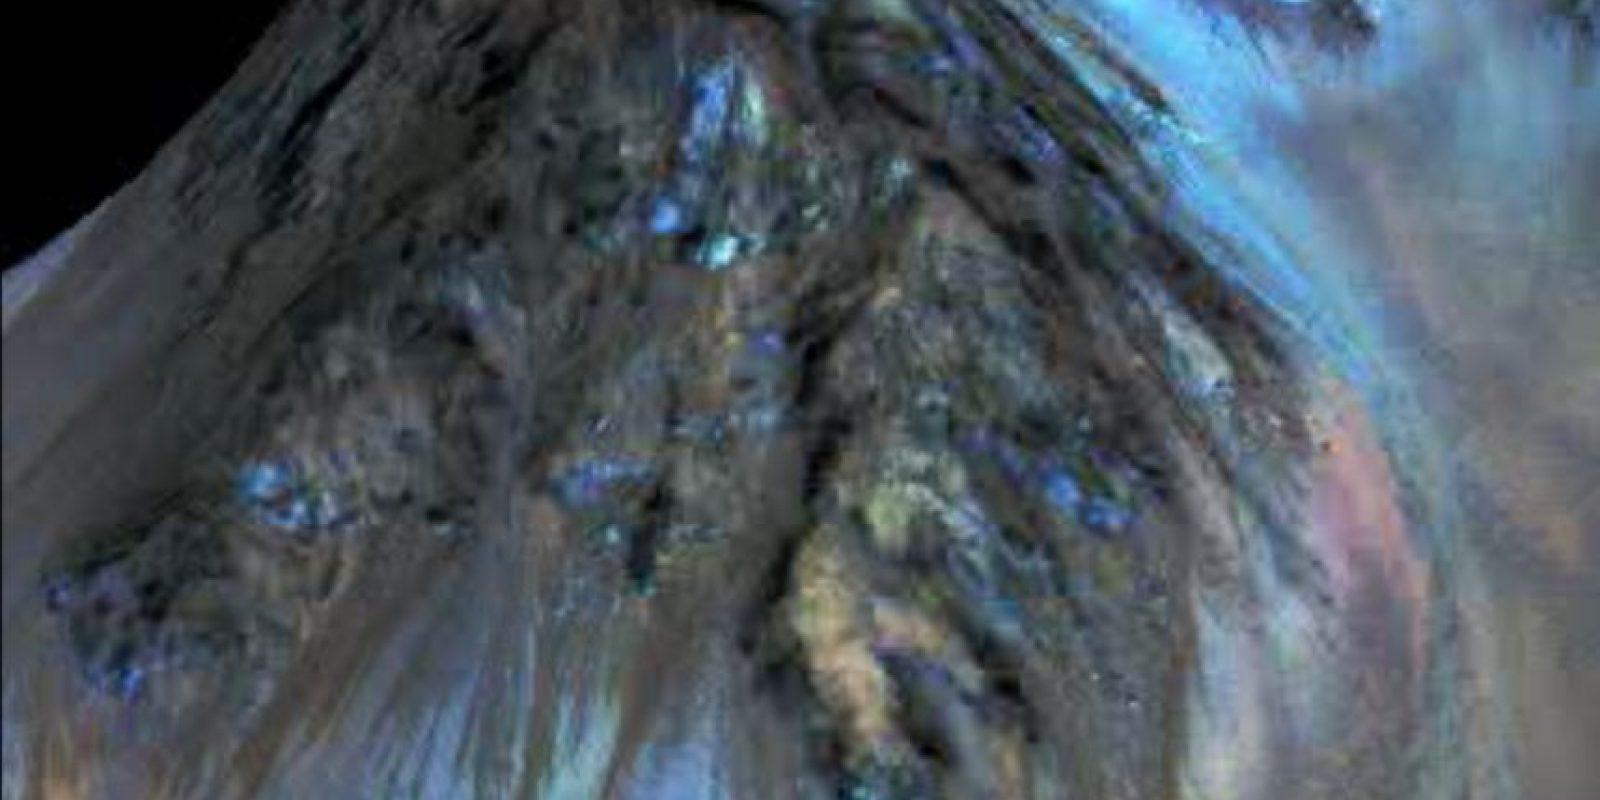 Las imágenes fueron recolectadas por la sonda Reconnaissance Orbiter (MRO) Foto:nasa.gov